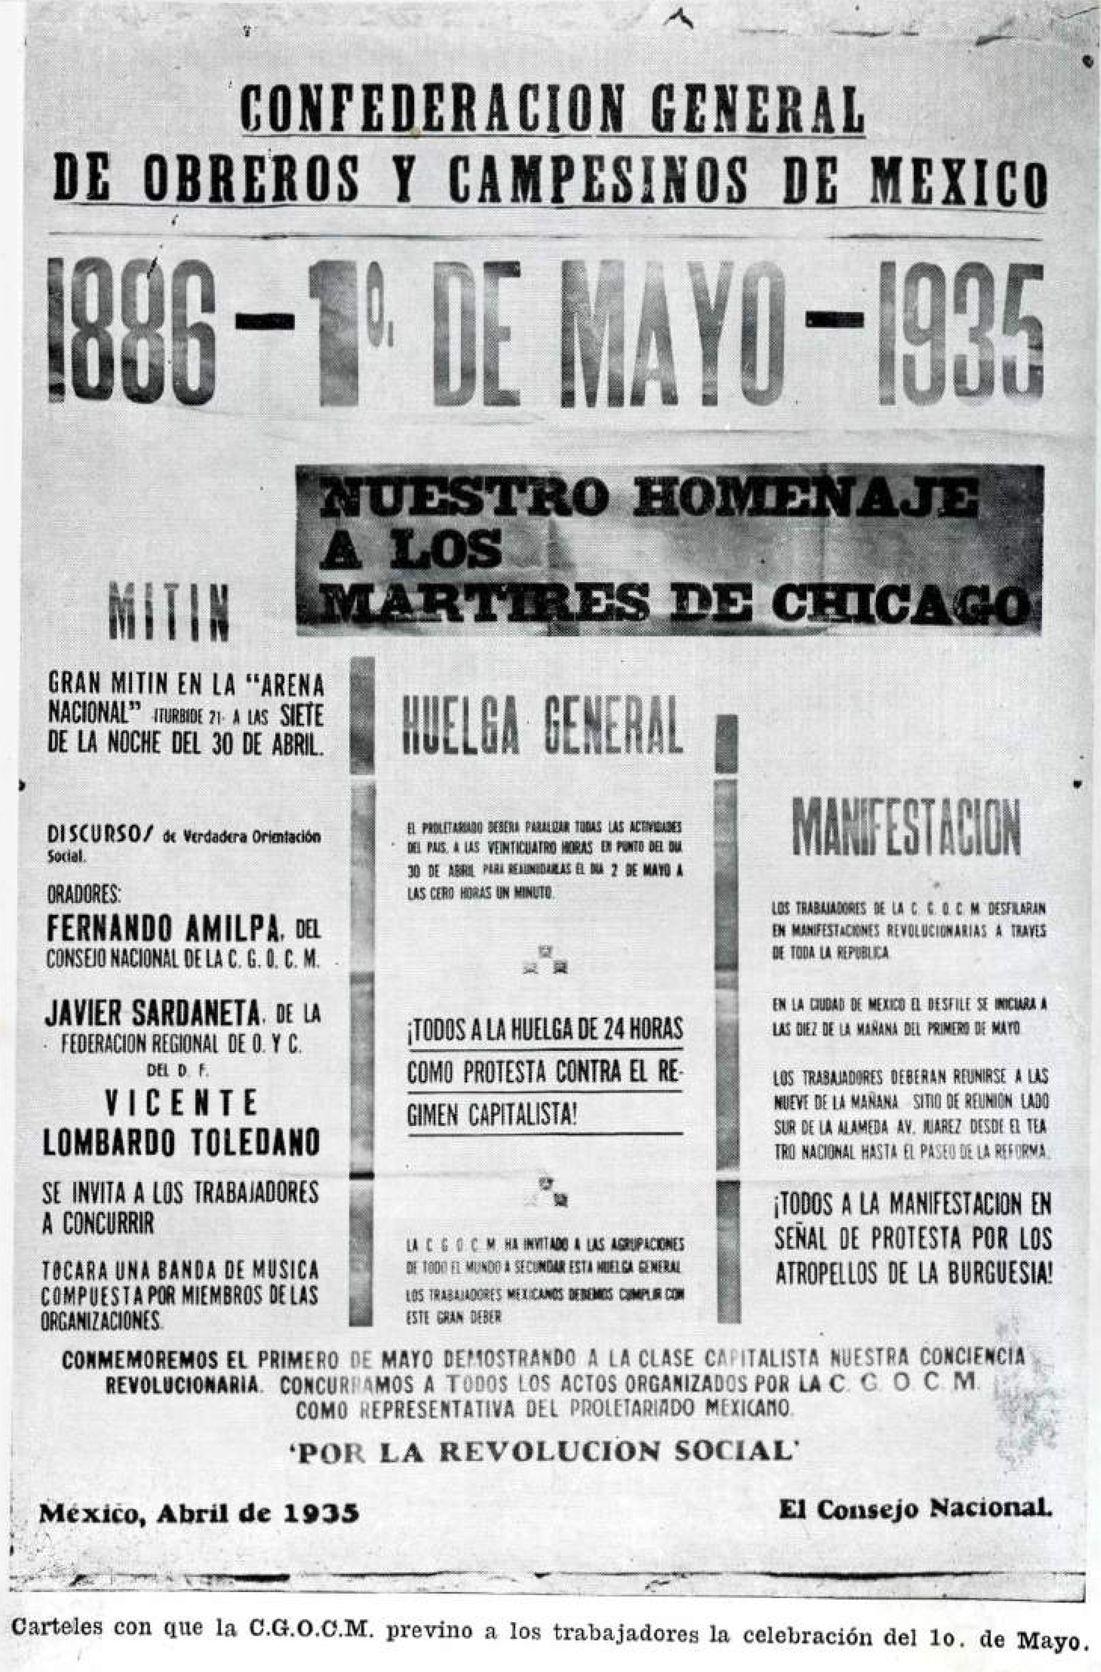 Cartel de la CGOCM convocando al 1º de mayo